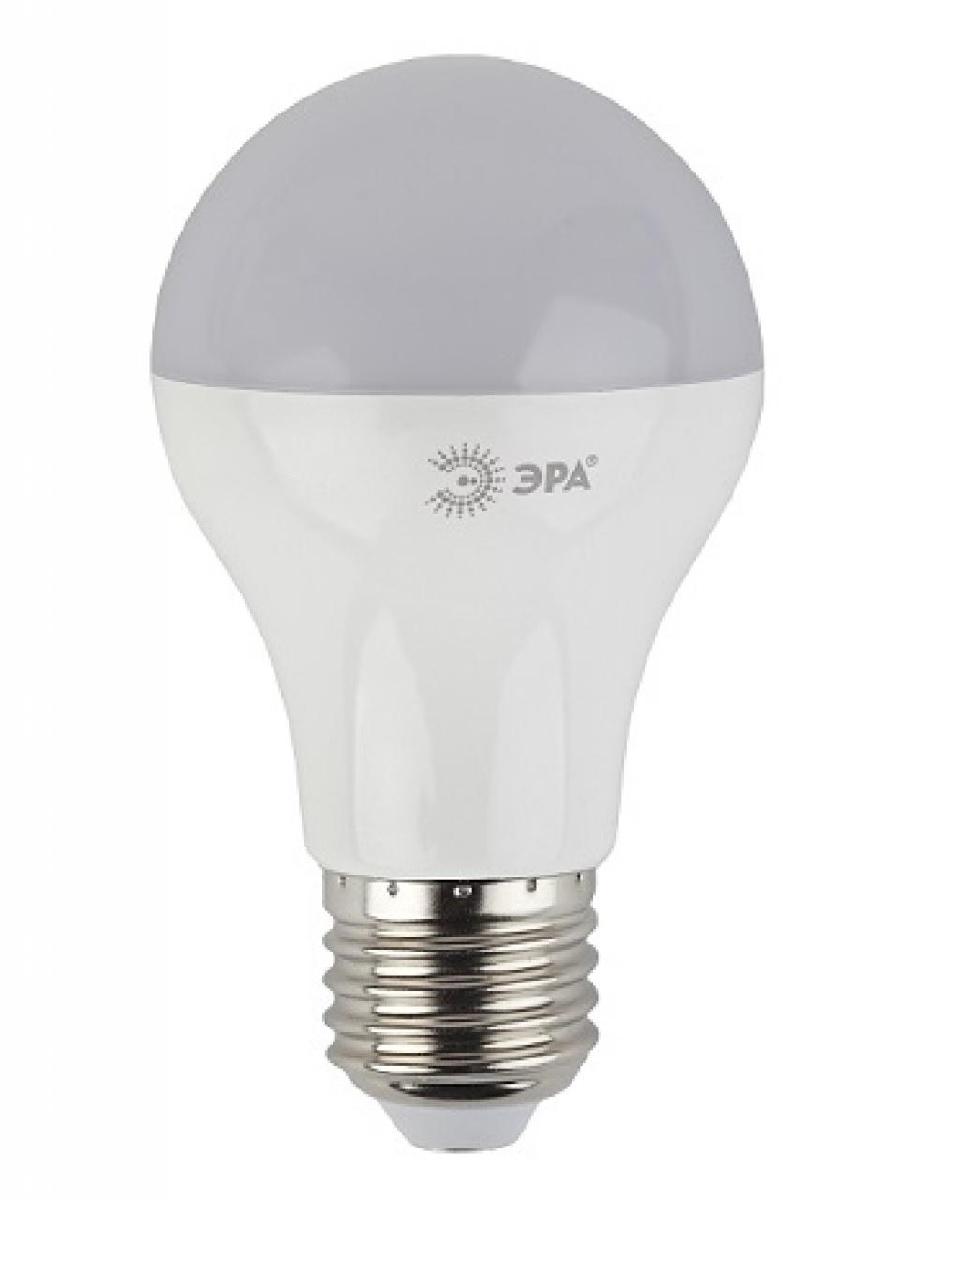 Лампа светодиодная ЭРА, цоколь E27, 170-265V, 13W, 2700К5055945518467Светодиодная лампа ЭРА является самым перспективным источником света. Основным преимуществом данного источника света является длительный срок службы и очень низкое энергопотребление, так, например, по сравнению с обычной лампой накаливания светодиодная лампа служит в среднем в 50 раз дольше и потребляет в 10-15 раз меньше электроэнергии. При этом светодиодная лампа практически не подвержена механическому воздействию из-за прочной конструкции и позволяет получить любой цвет светового потока, что, несомненно, расширяет возможности применения и позволяет создавать новые решения в области освещения. Особенности серии A60: Лампочки лучшие в соотношении цена-качество Представлена широкая линейка, наличие всех типов цоколей ламп бытового сегмента Световая отдача - 90-100 лм/Вт Гарантия - 2 года Совместимы с выключателями с подсветкой.